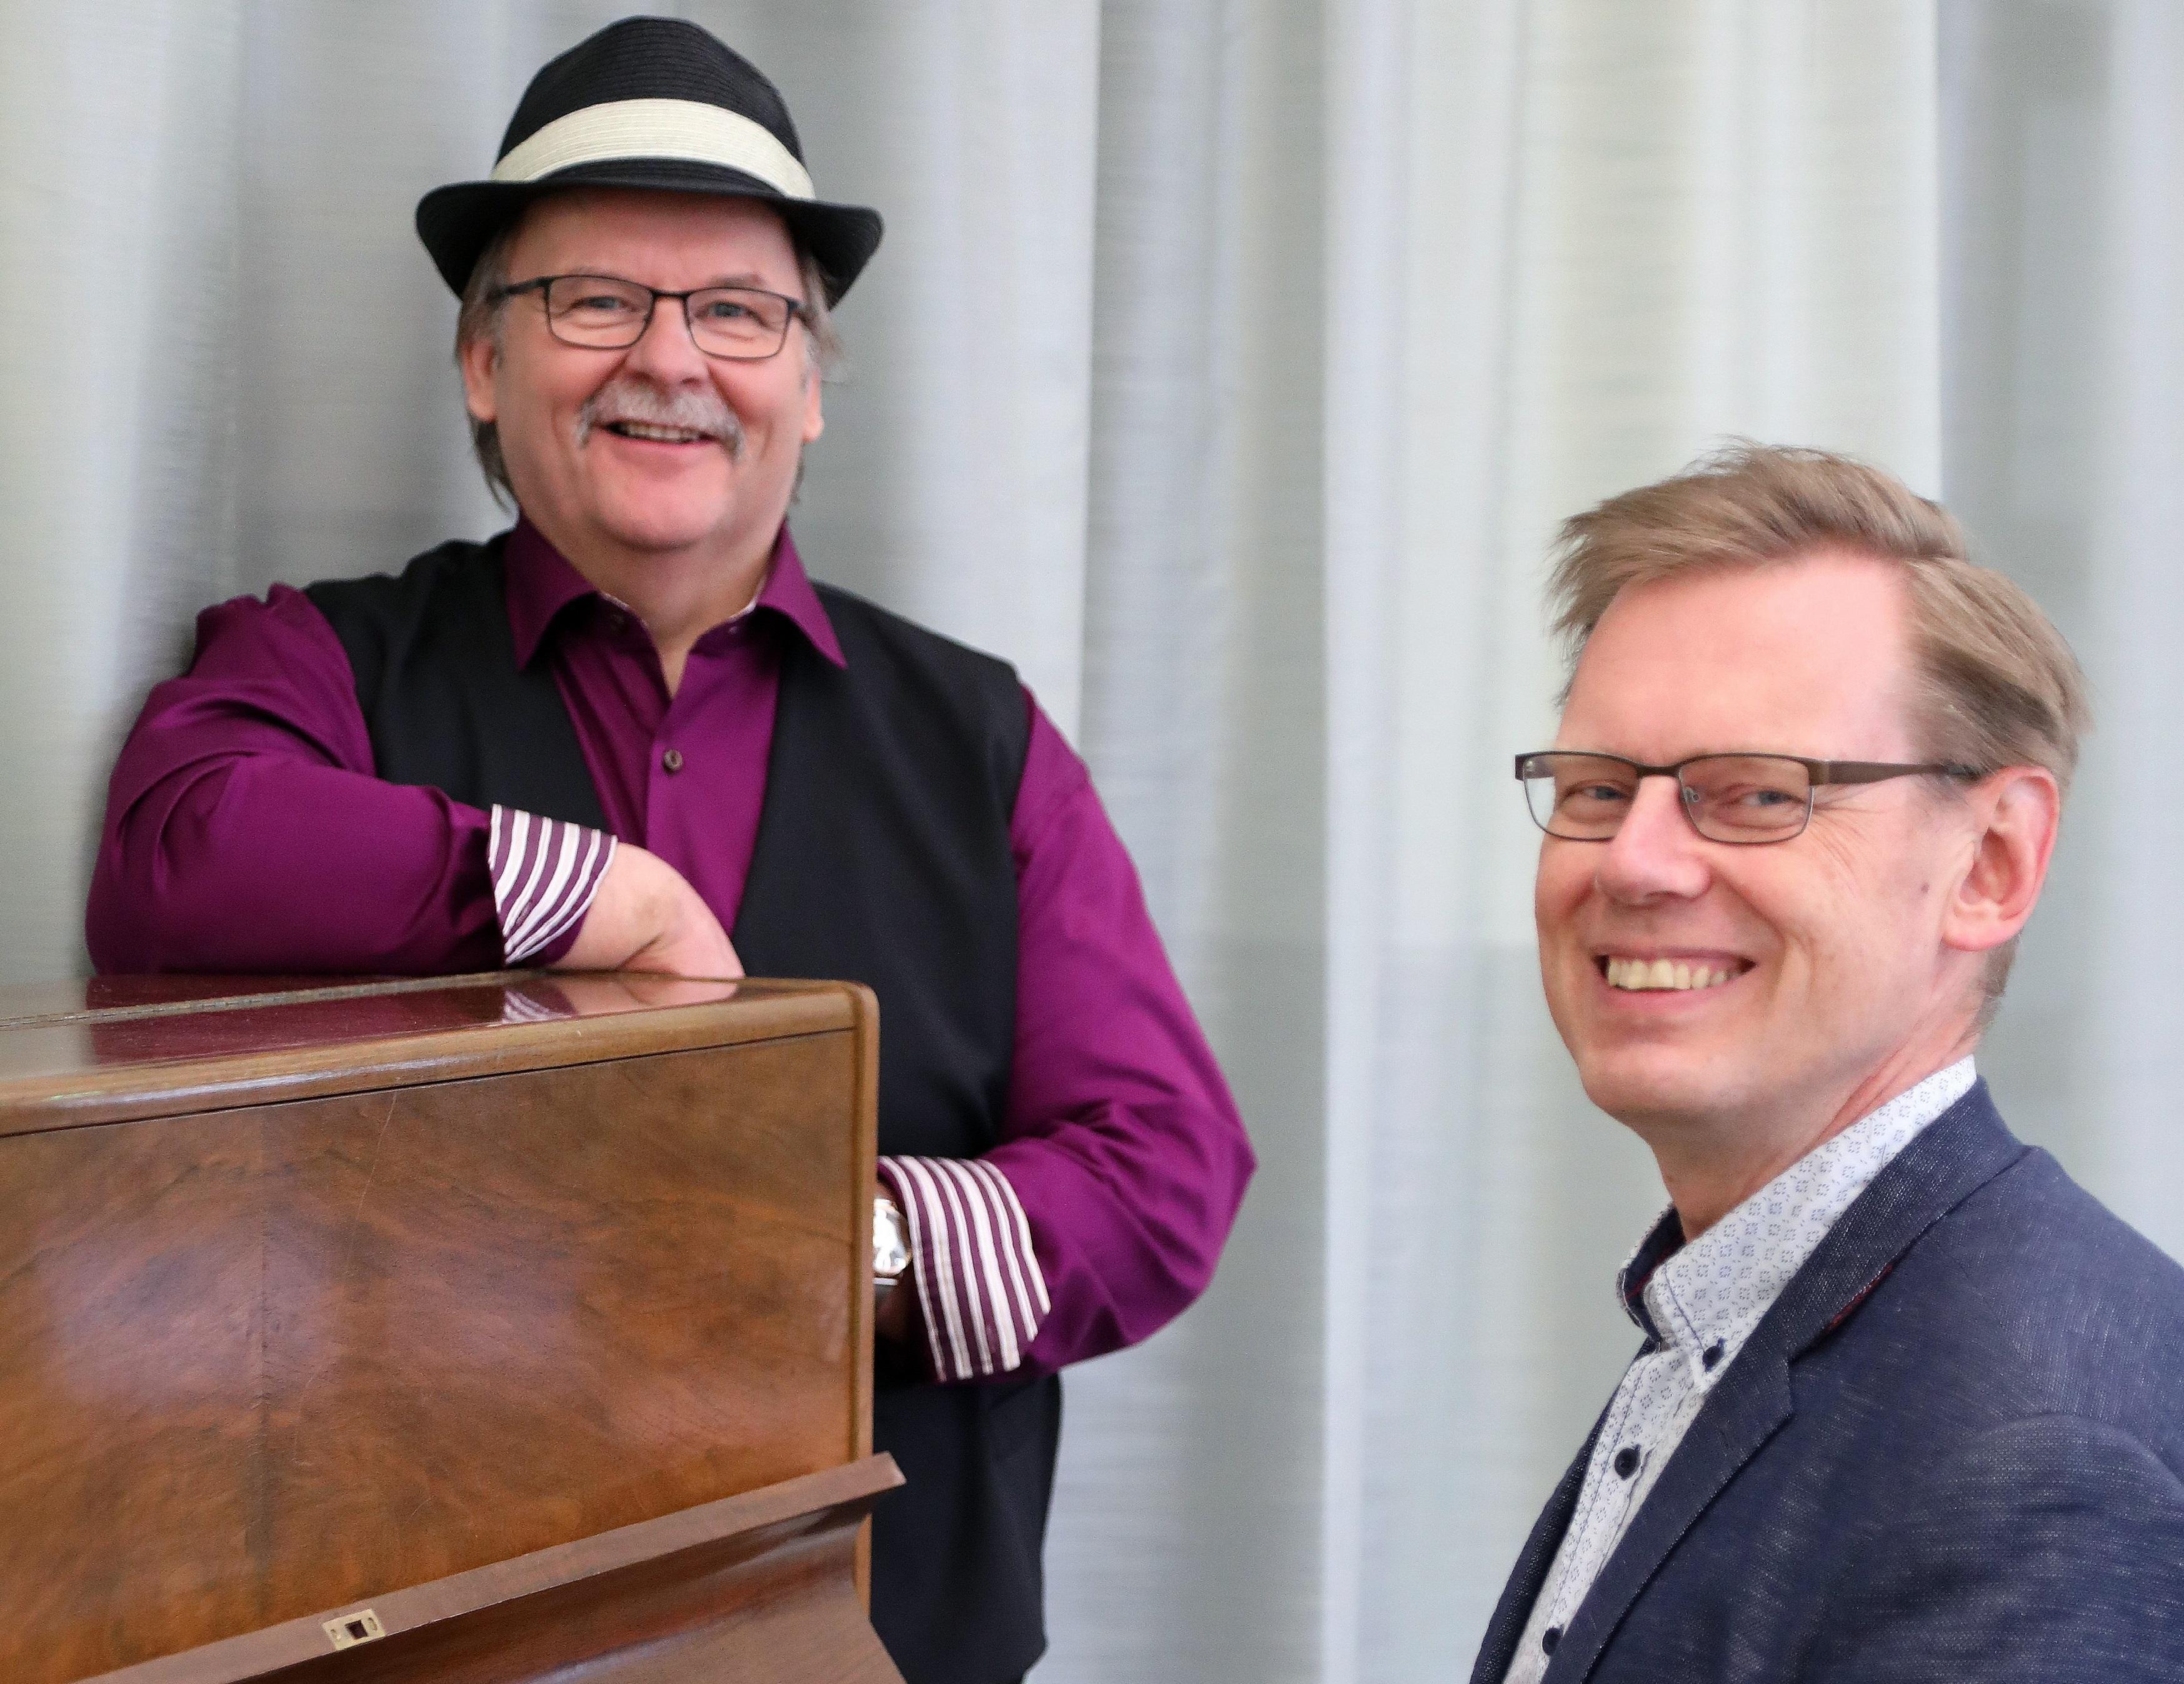 Verkkotapahtuma: #26 Yhteislaulut kotona, laulattajina Martti Kuurila ja Jussi Tamminen